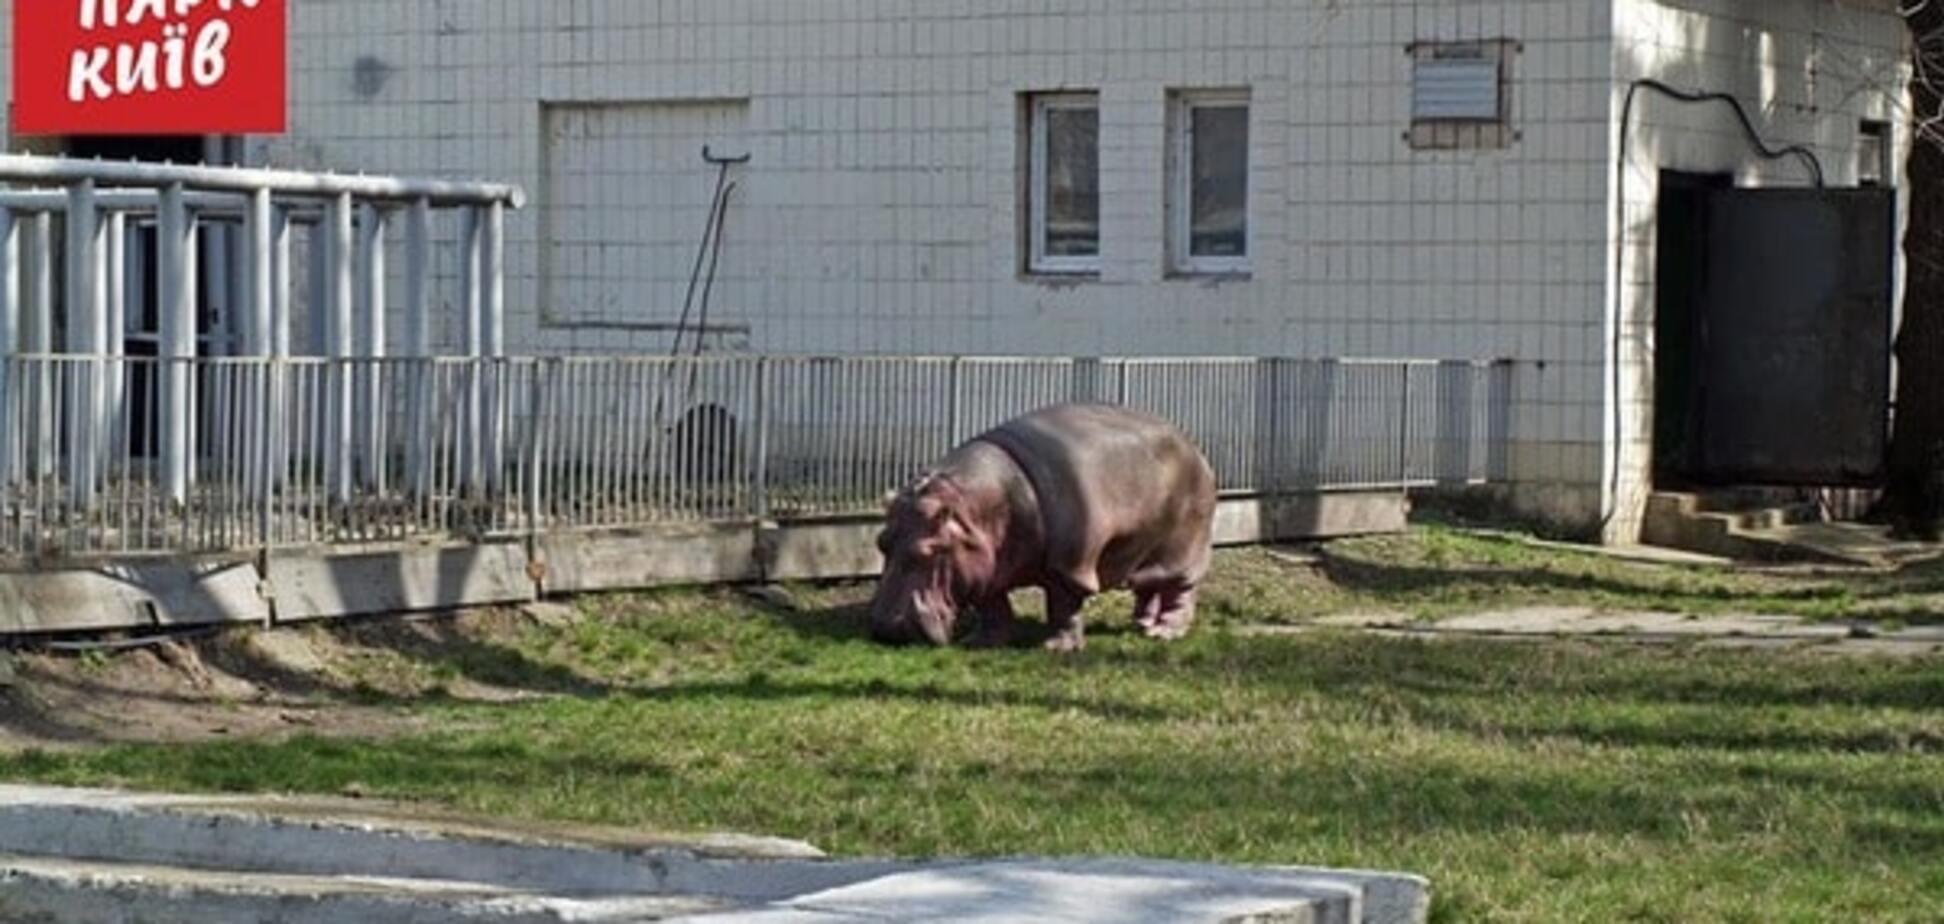 У київському зоопарку бегемотиха-пенсіонерка вийшла на прогулянку: опубліковані фото